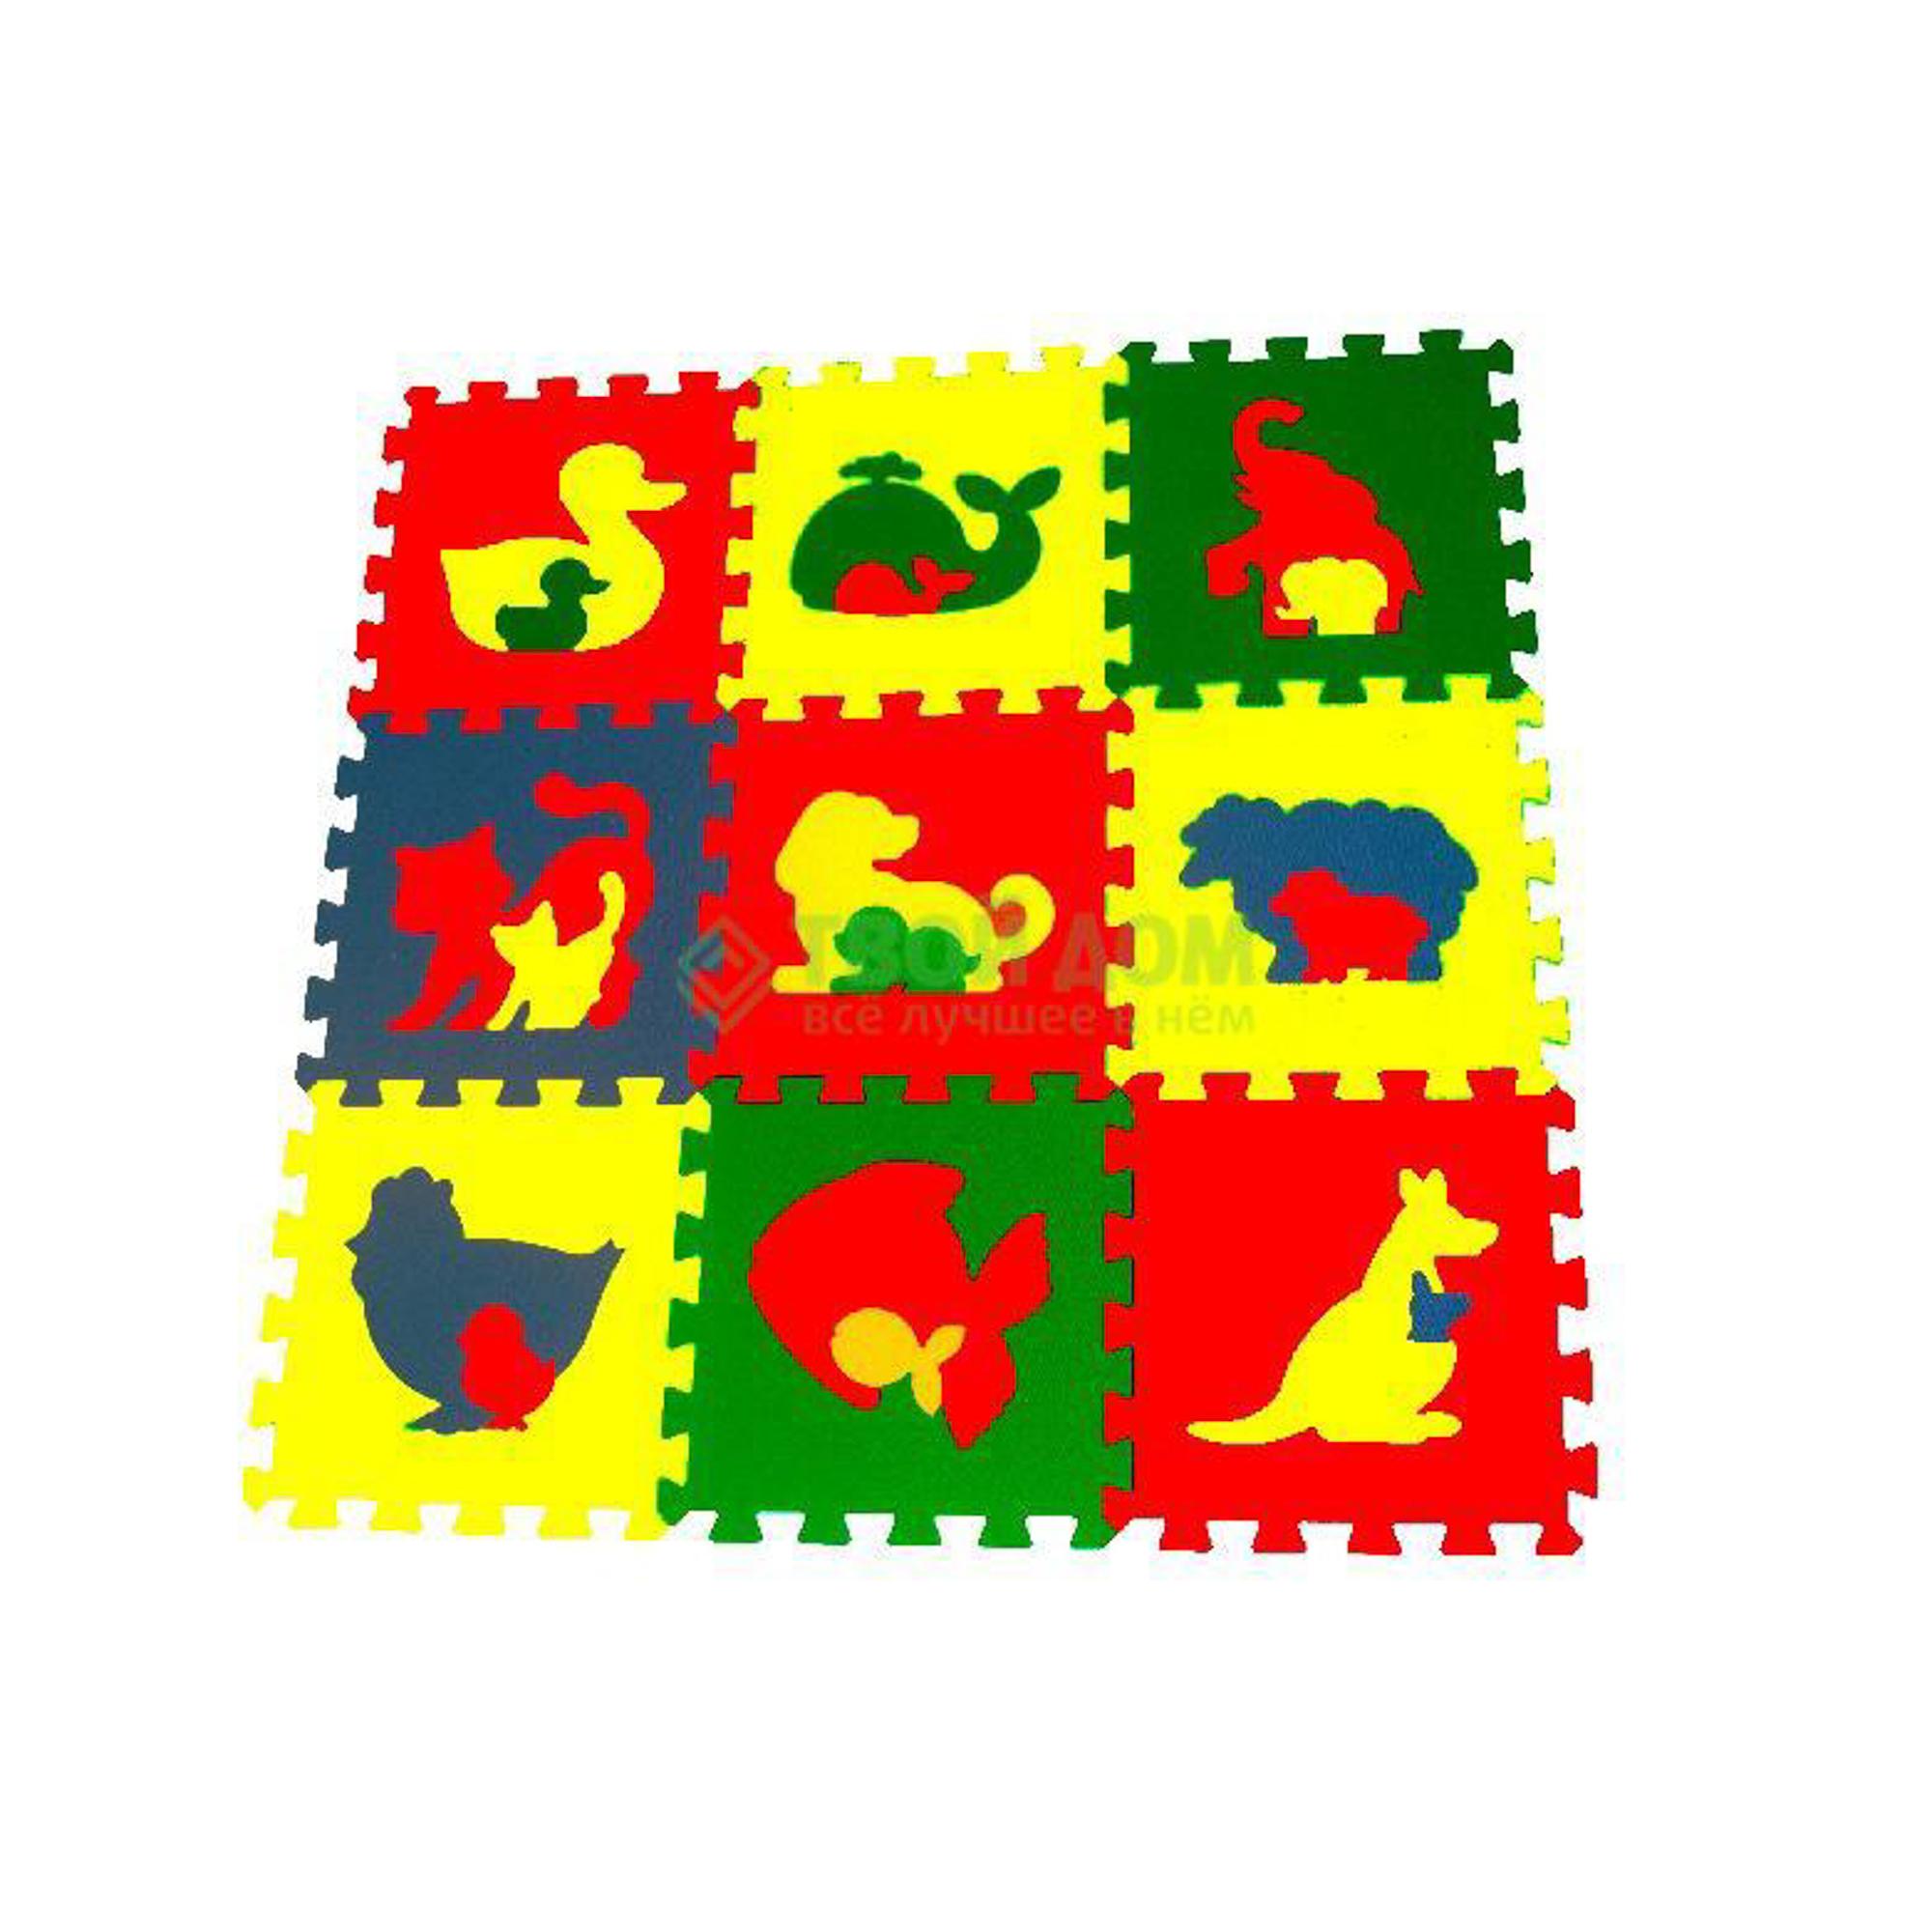 Пазл Мягкий пол Пазлы животные 33x33 098м2 (33МП1/Ж) фото